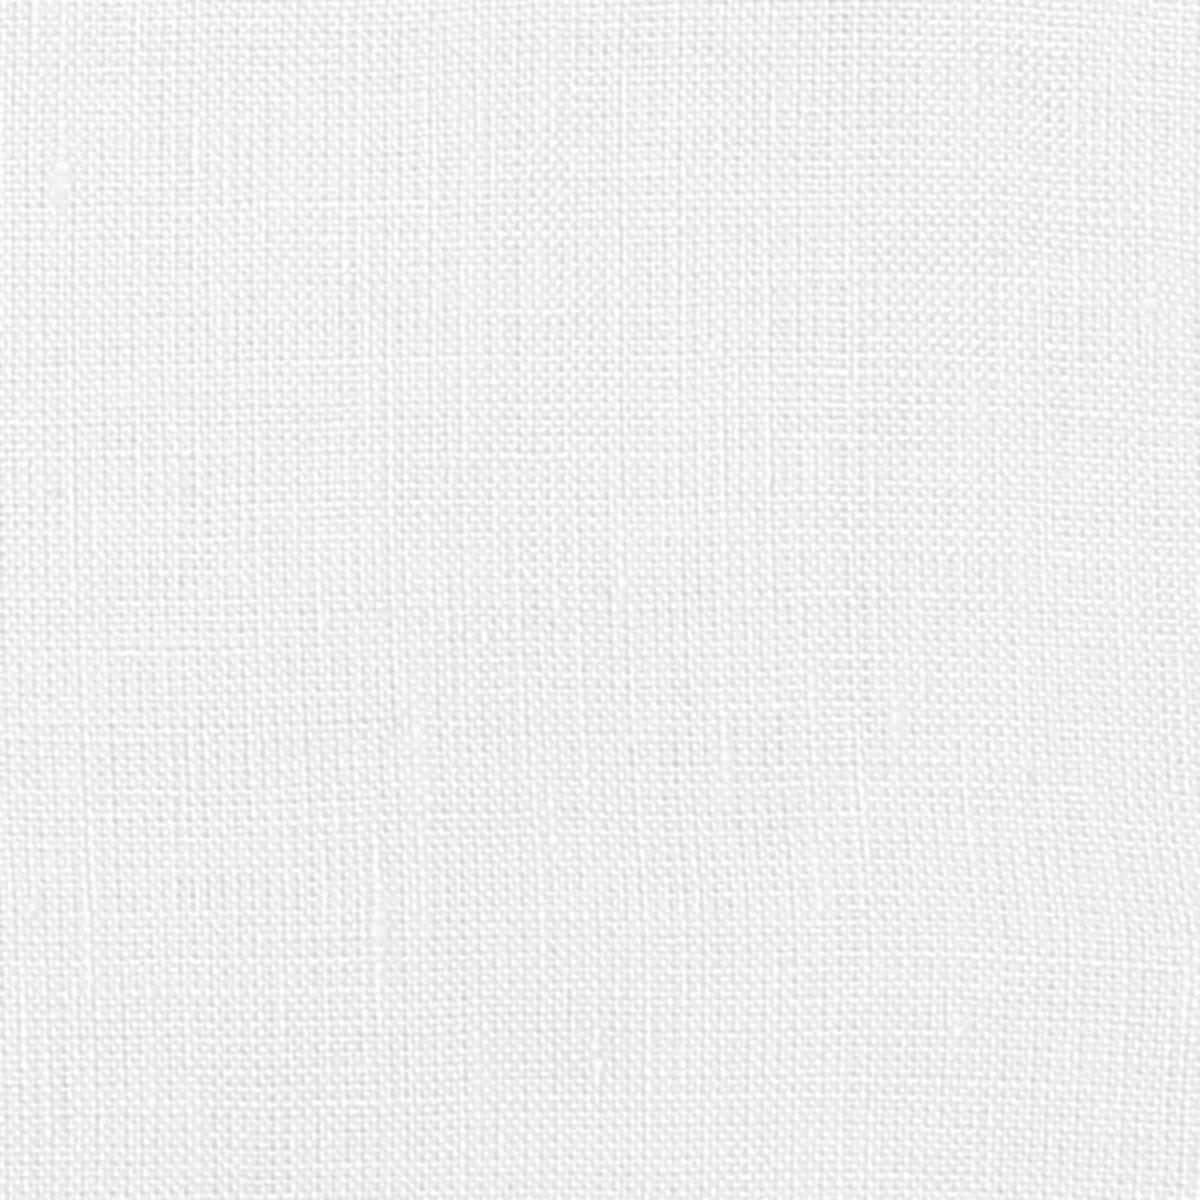 InStitchu Shirt Fabric 5366